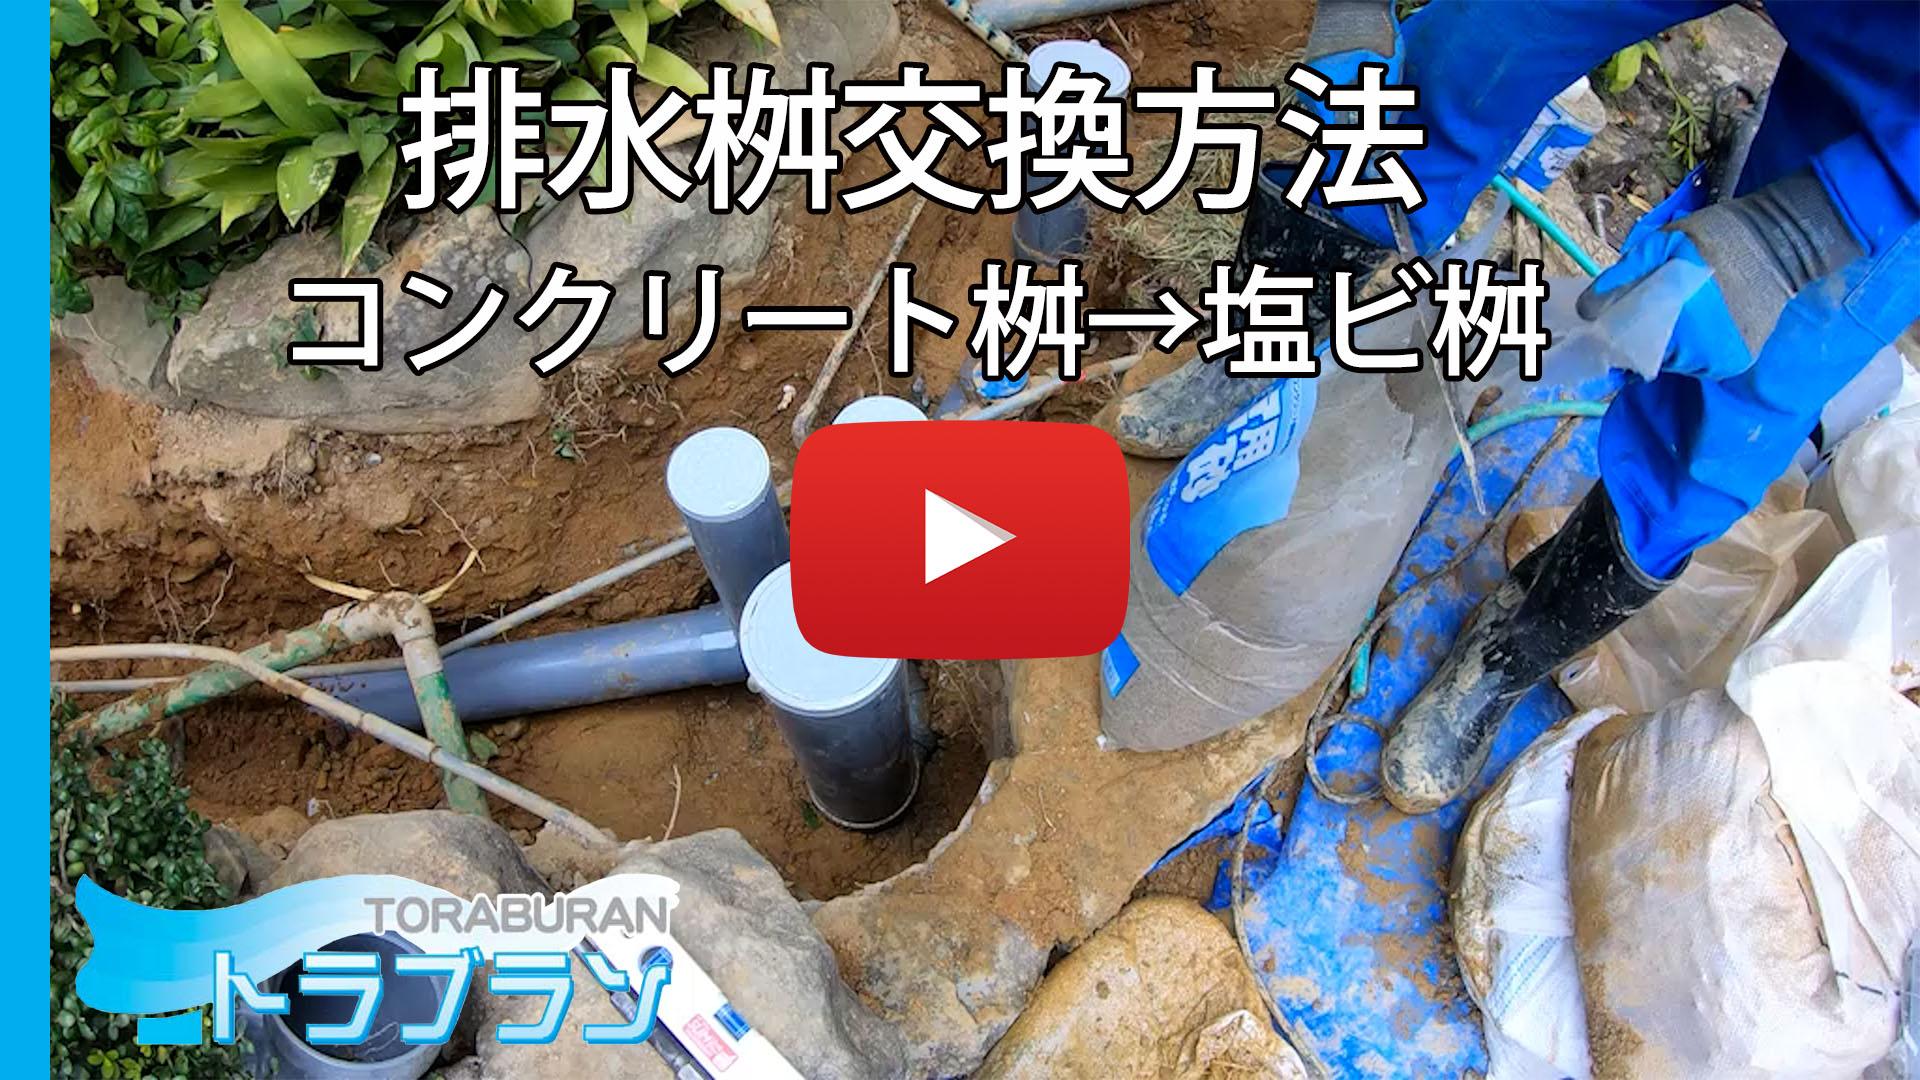 排水桝取替工事のサムネイルb